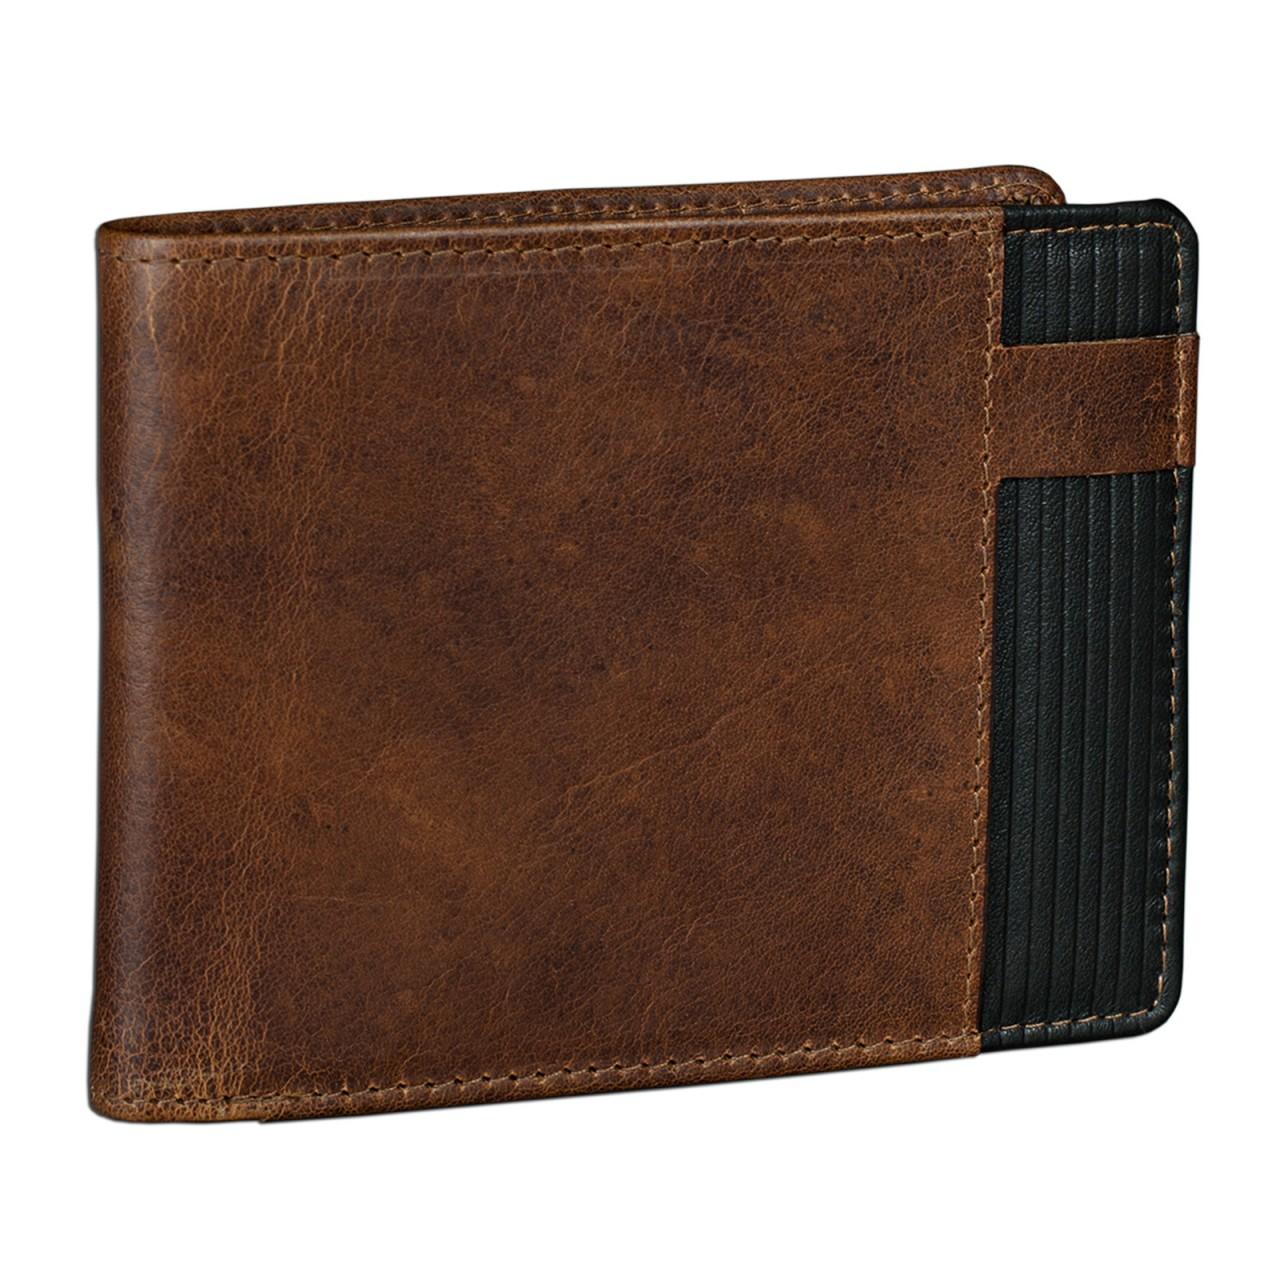 Leder Geldbörse für Herren Vintage Design